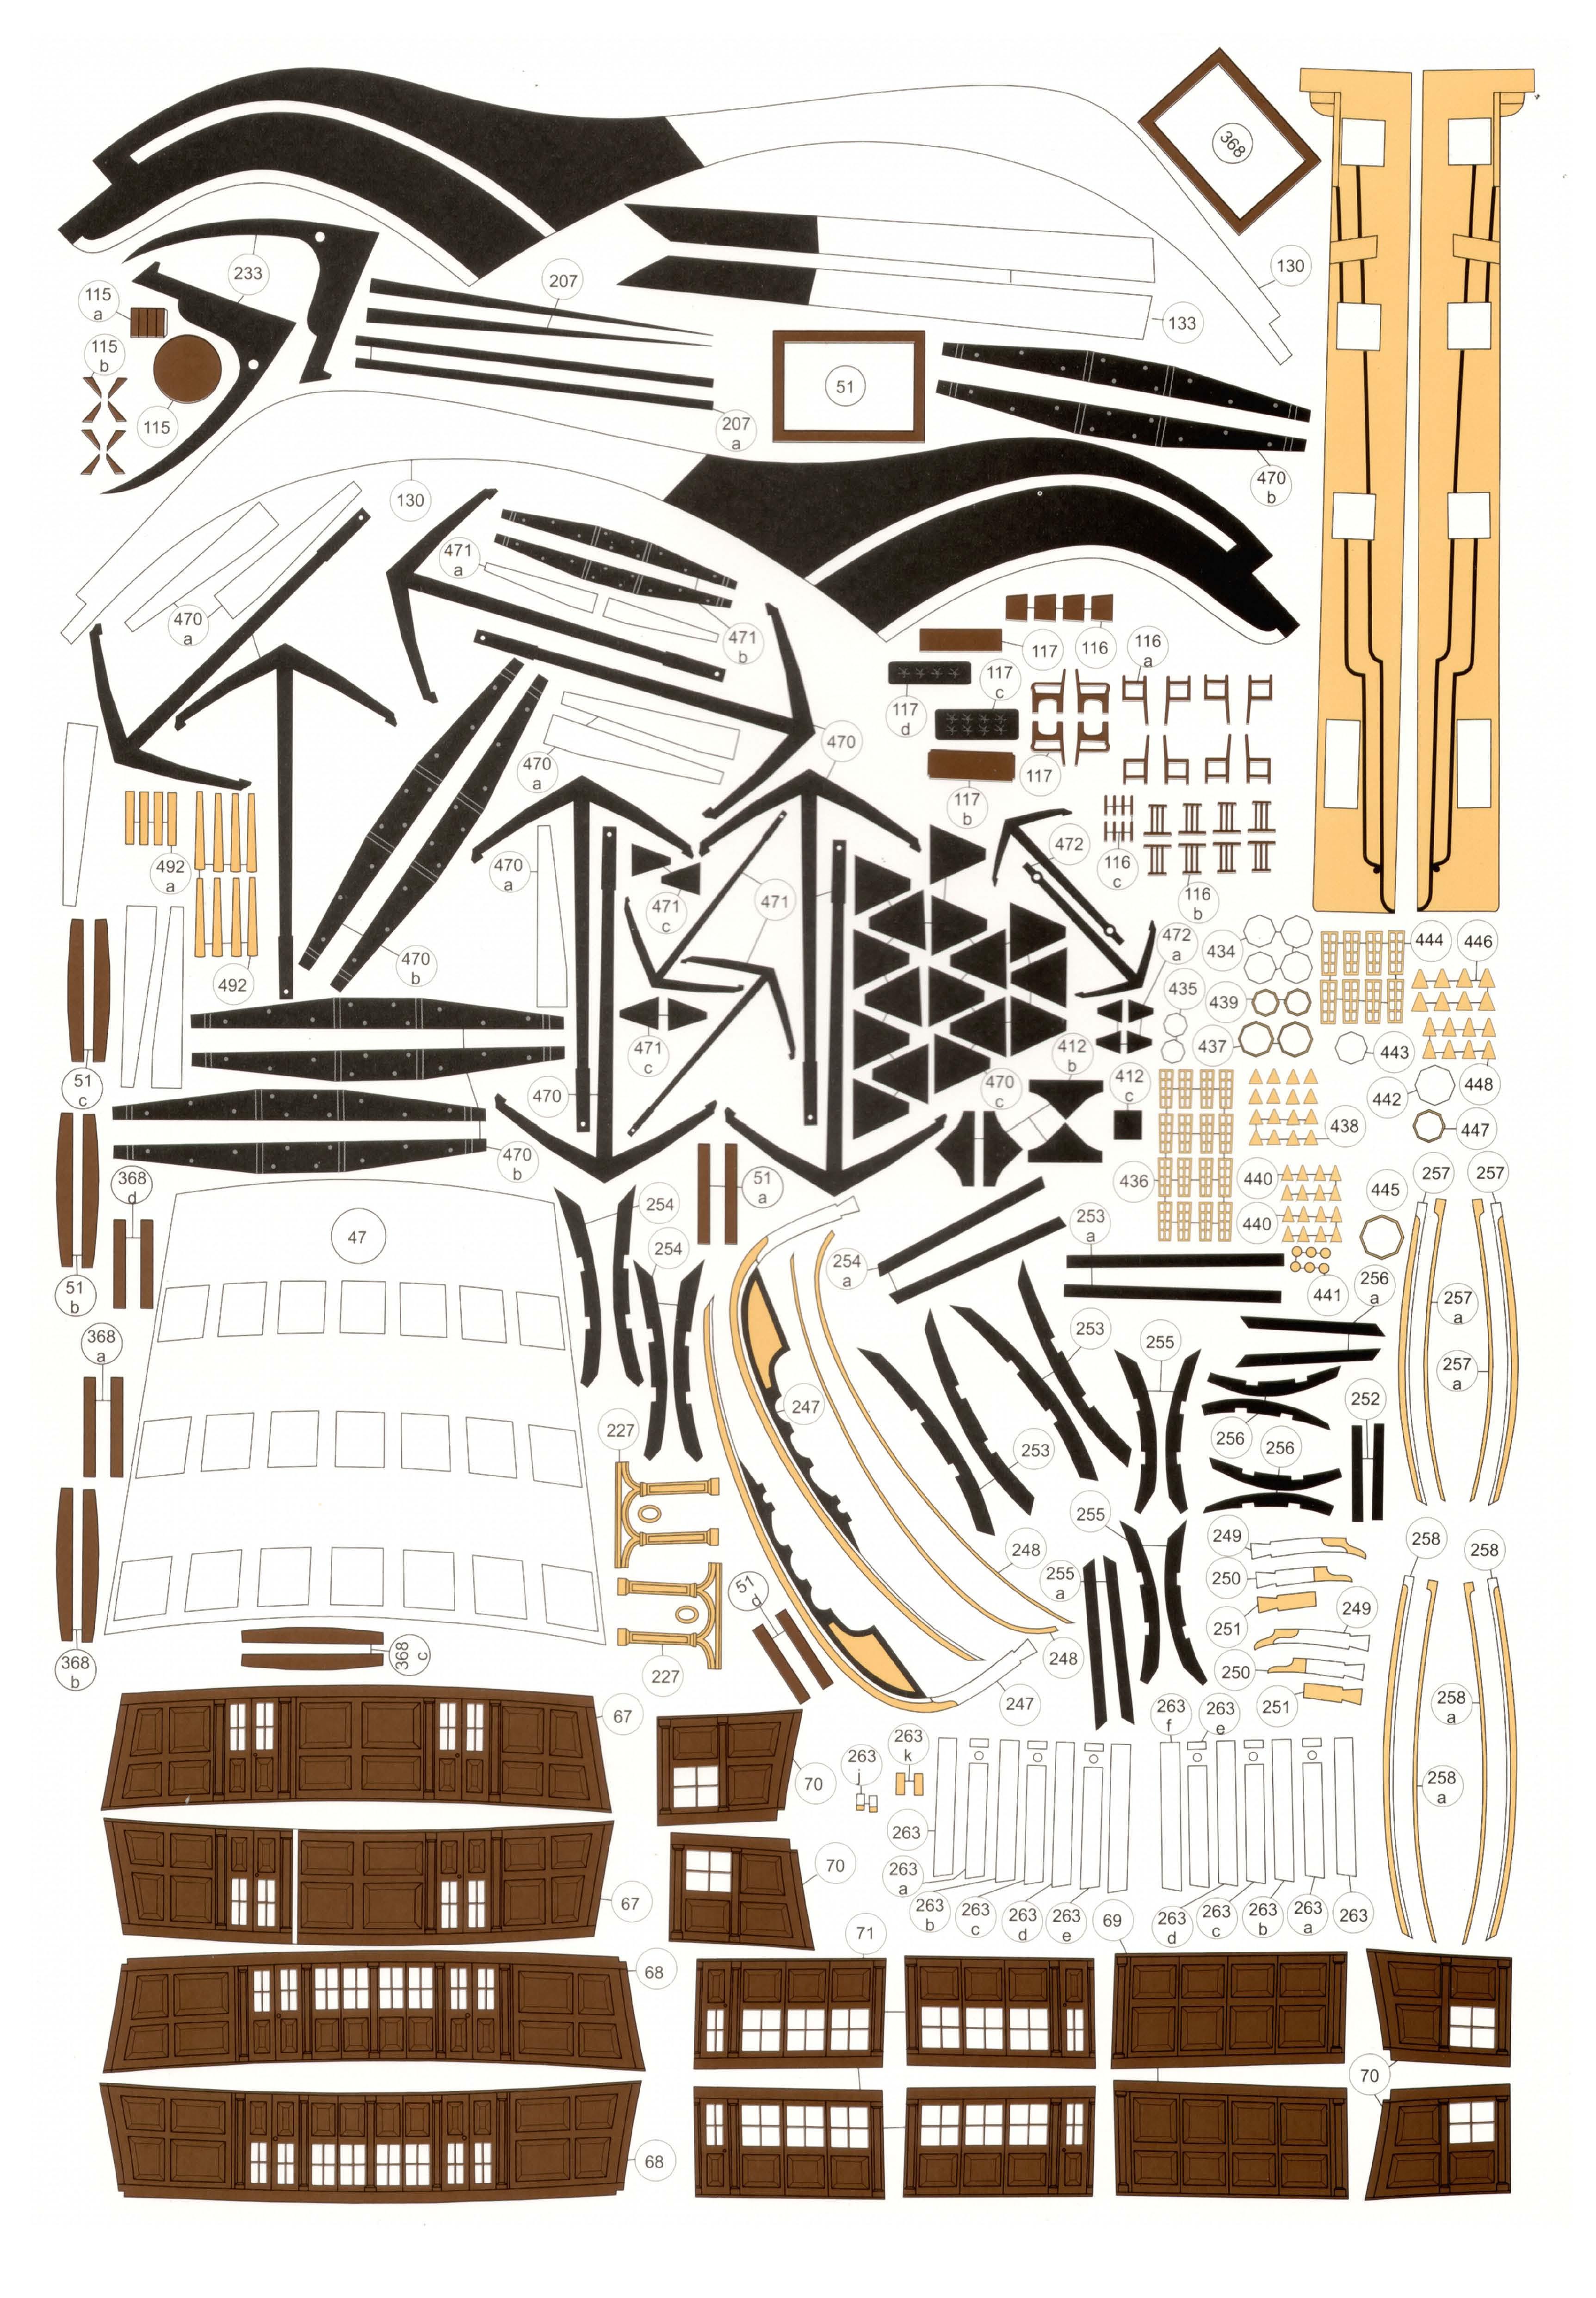 英国古帆胜利号船模平面图纸 JPG格式